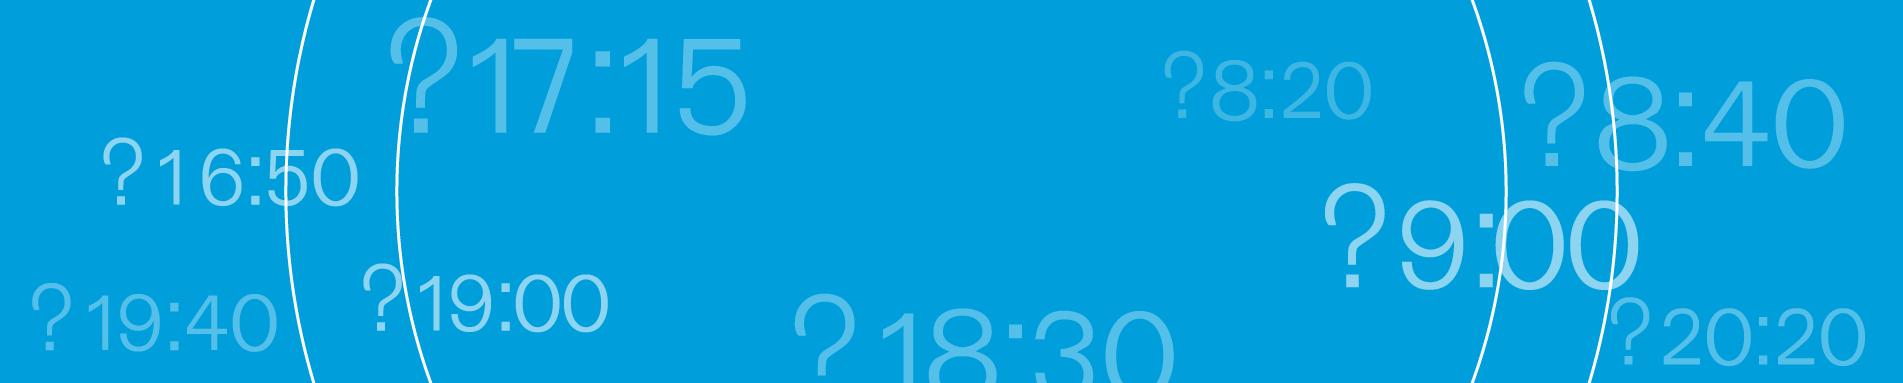 רקע תכלת עם שעות שונות ביום